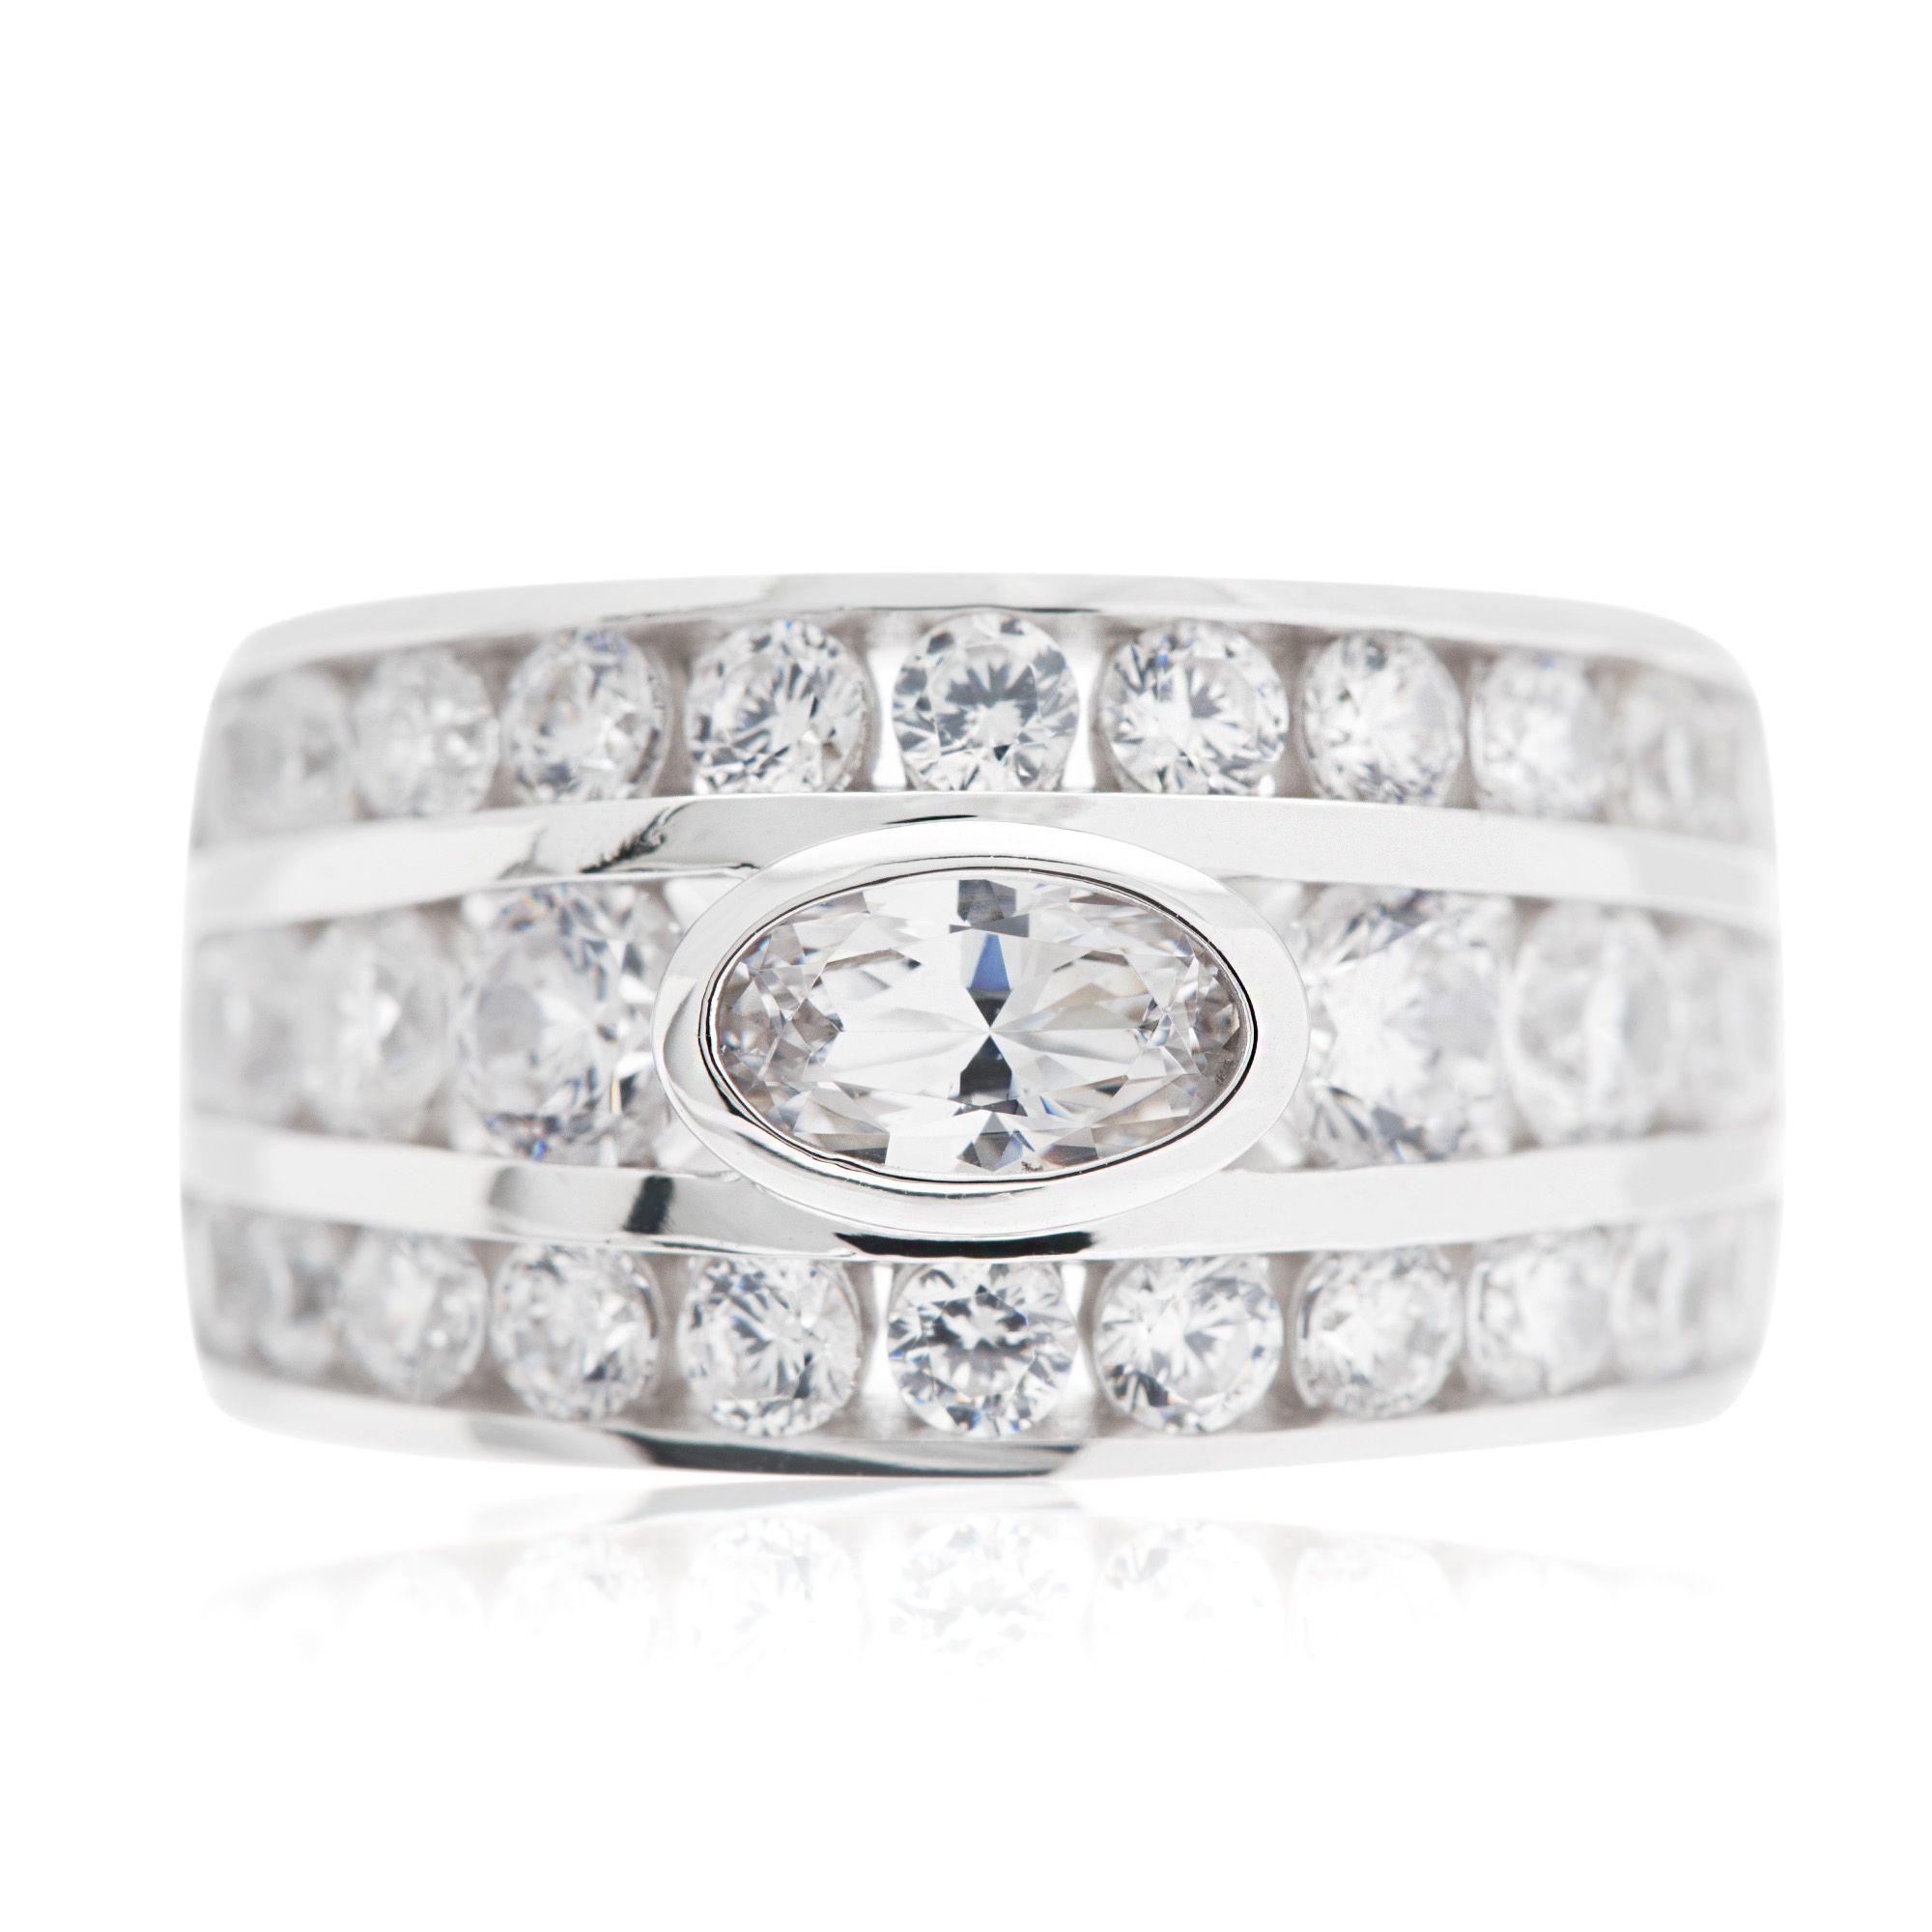 Diamonique anello a fascia pari a in argento qvc italia - Qvc marchi cucina ...